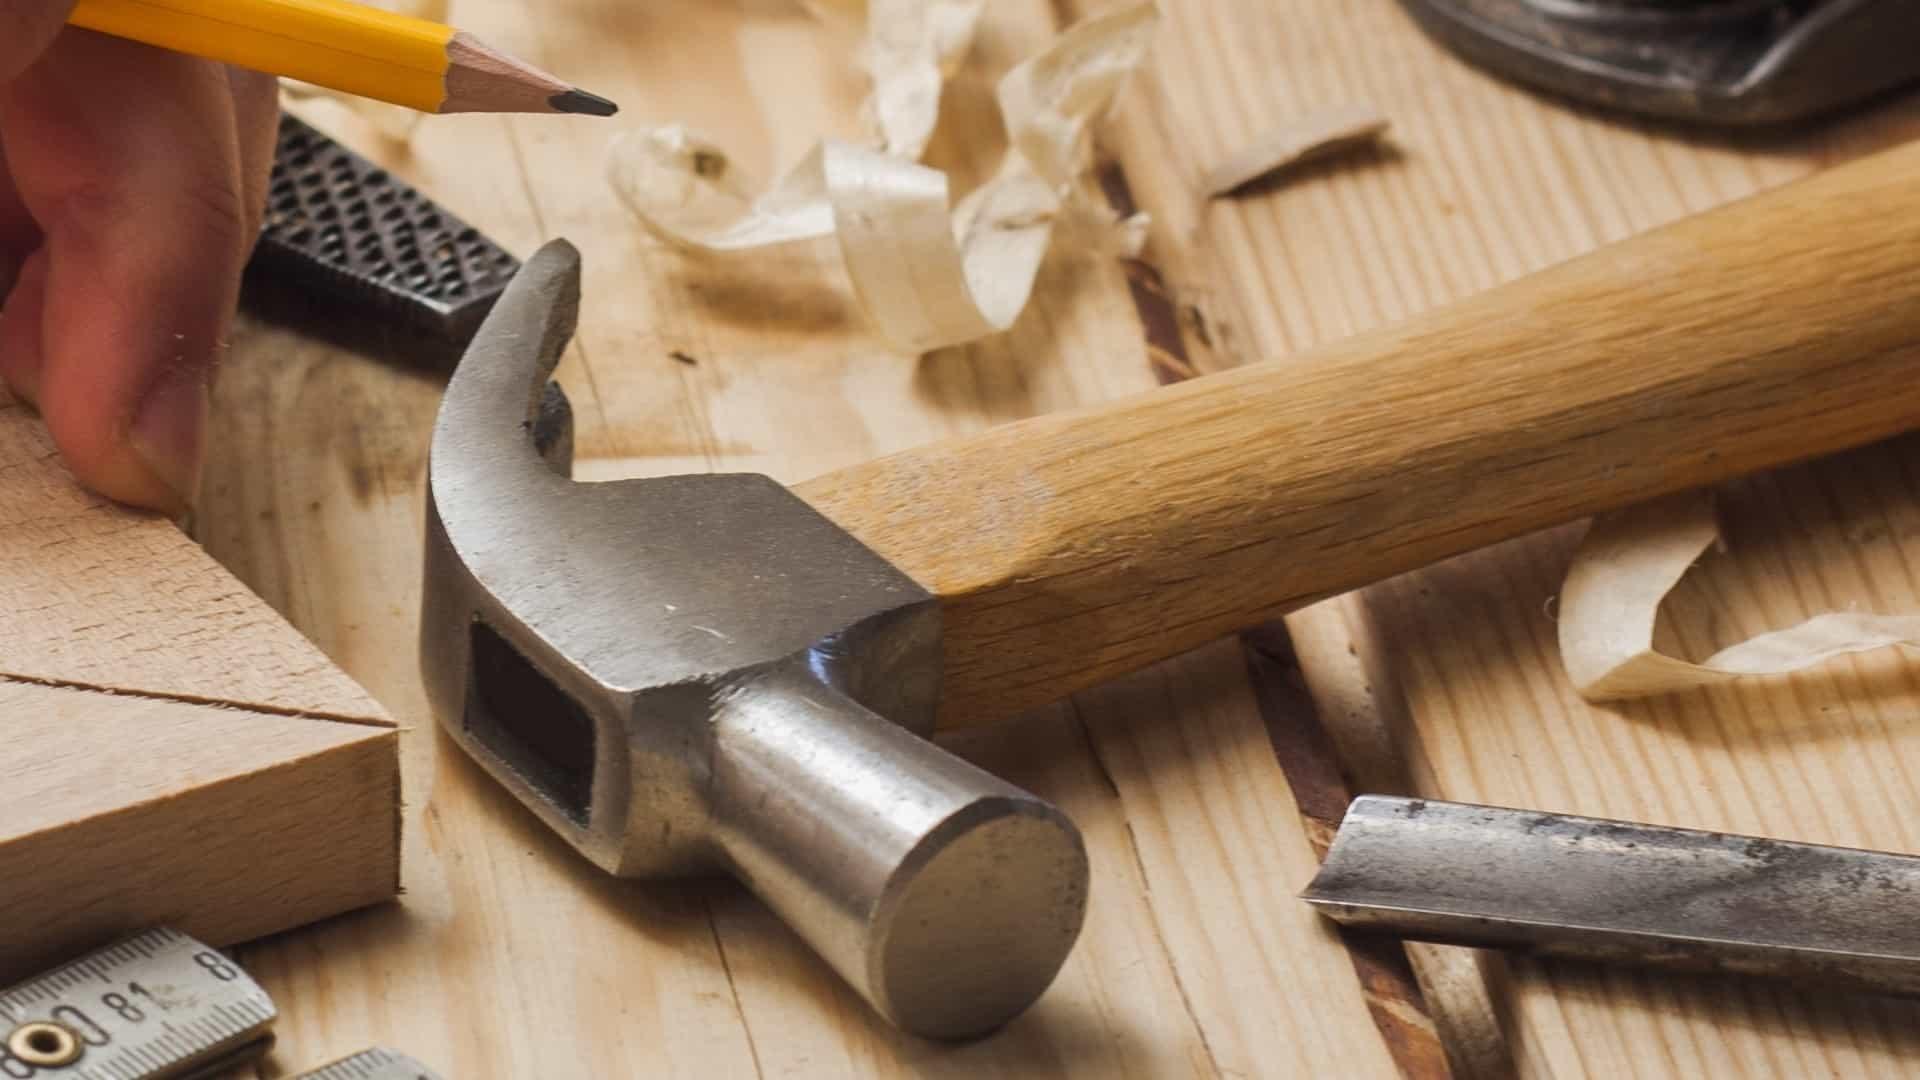 Martillos de carpintero: ¿Cuál es el mejor del 2020?